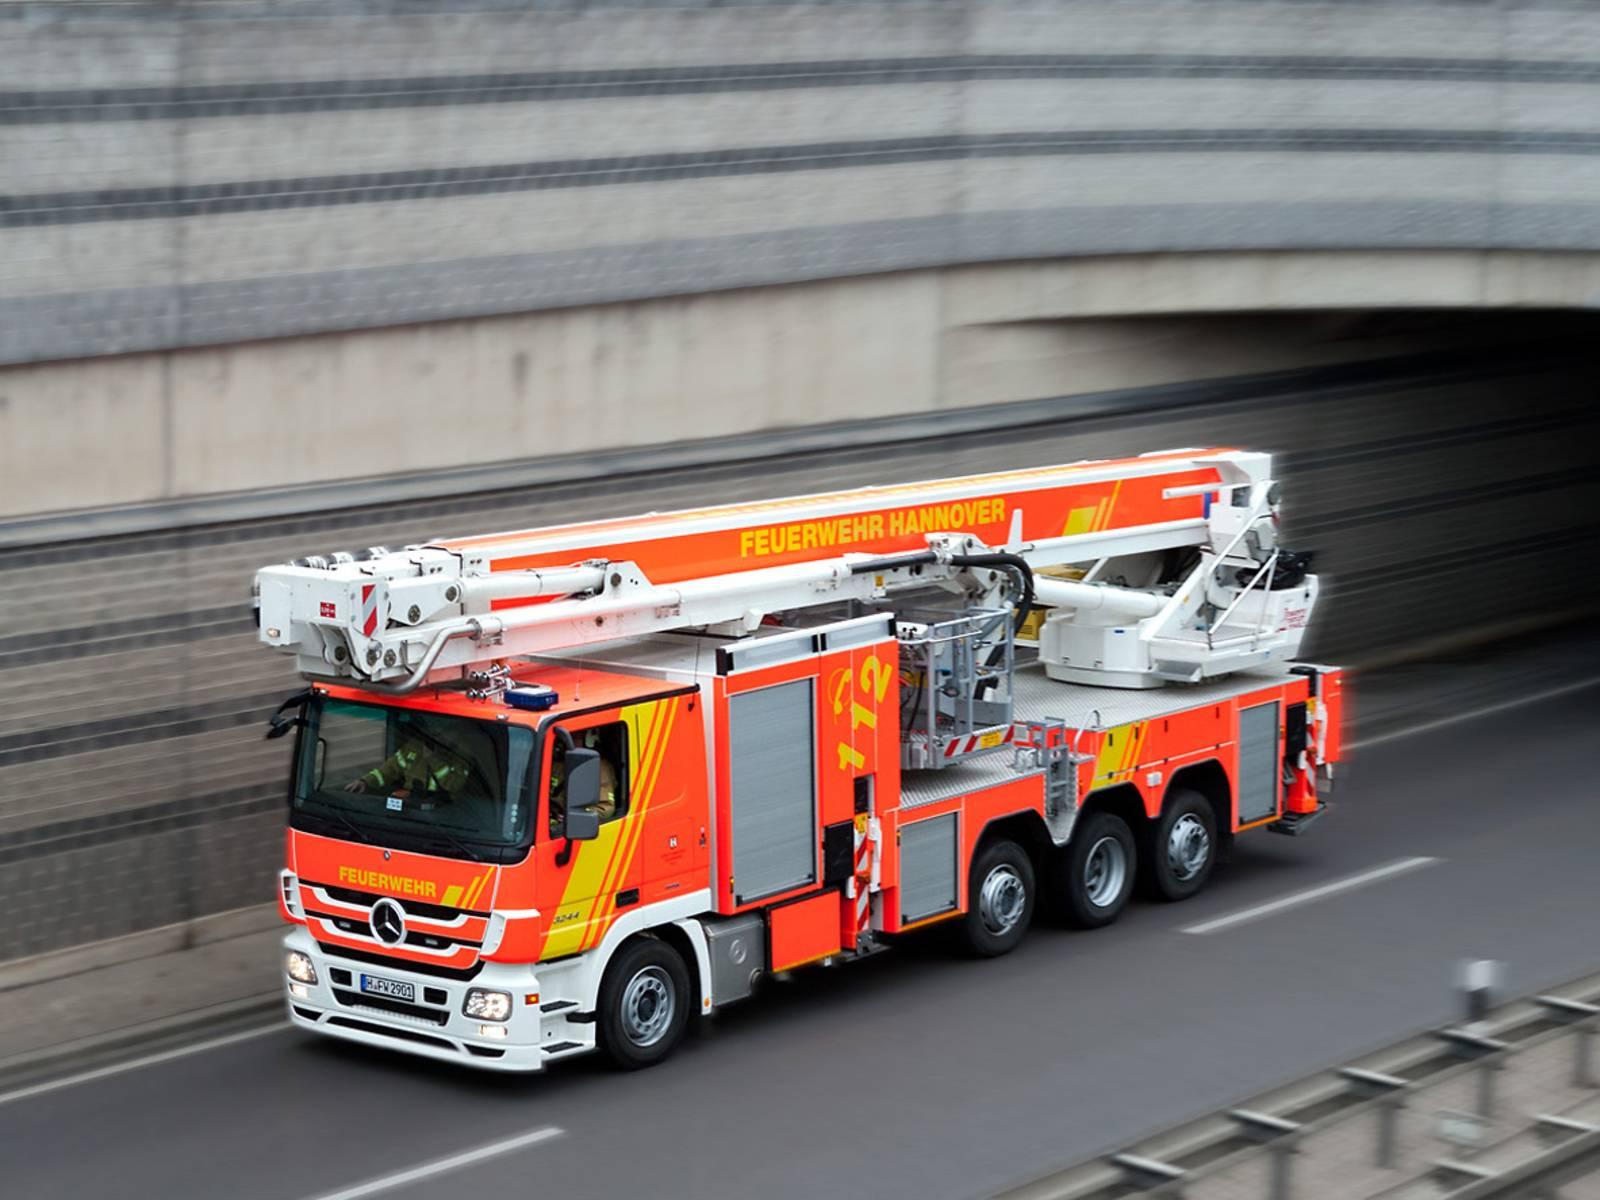 Teleskopmastbühne der Feuerwehr Hannover